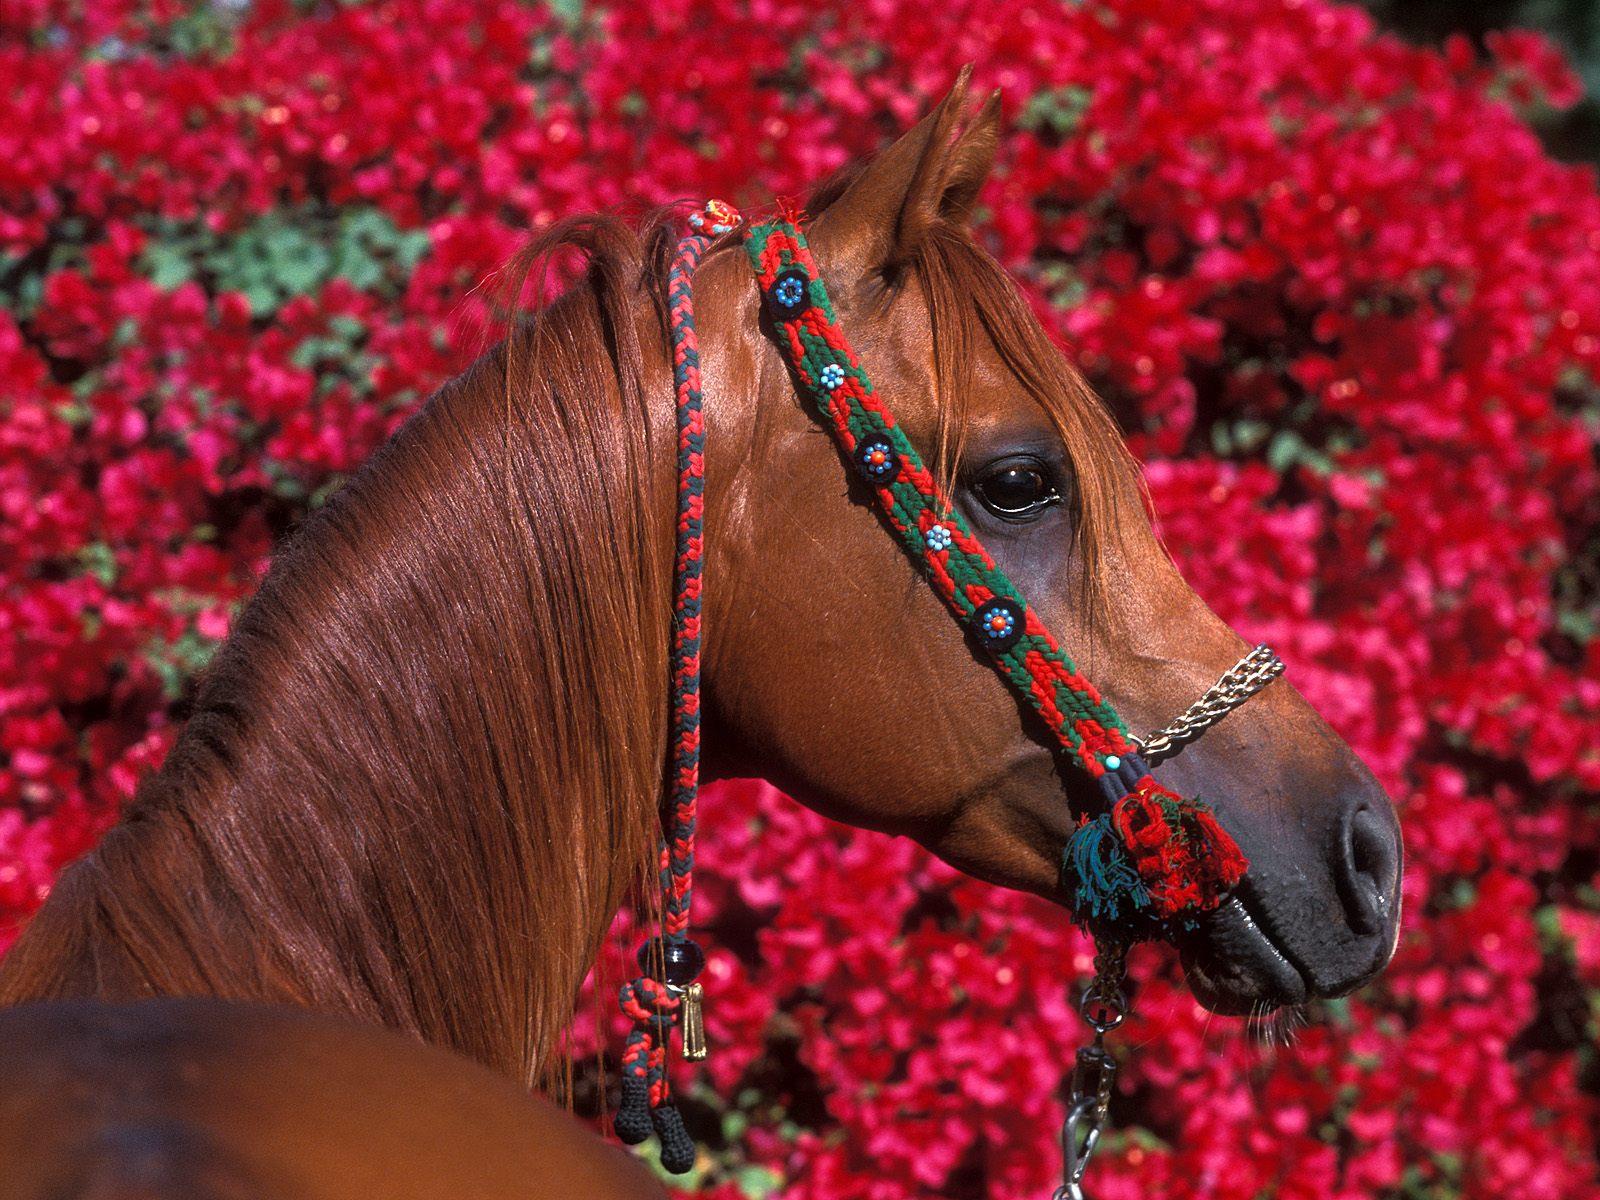 http://3.bp.blogspot.com/-hH-VbVA_qpY/TgfFxtVLxJI/AAAAAAAAFf0/P6FrGWUQwU4/s1600/horse-5314.jpg